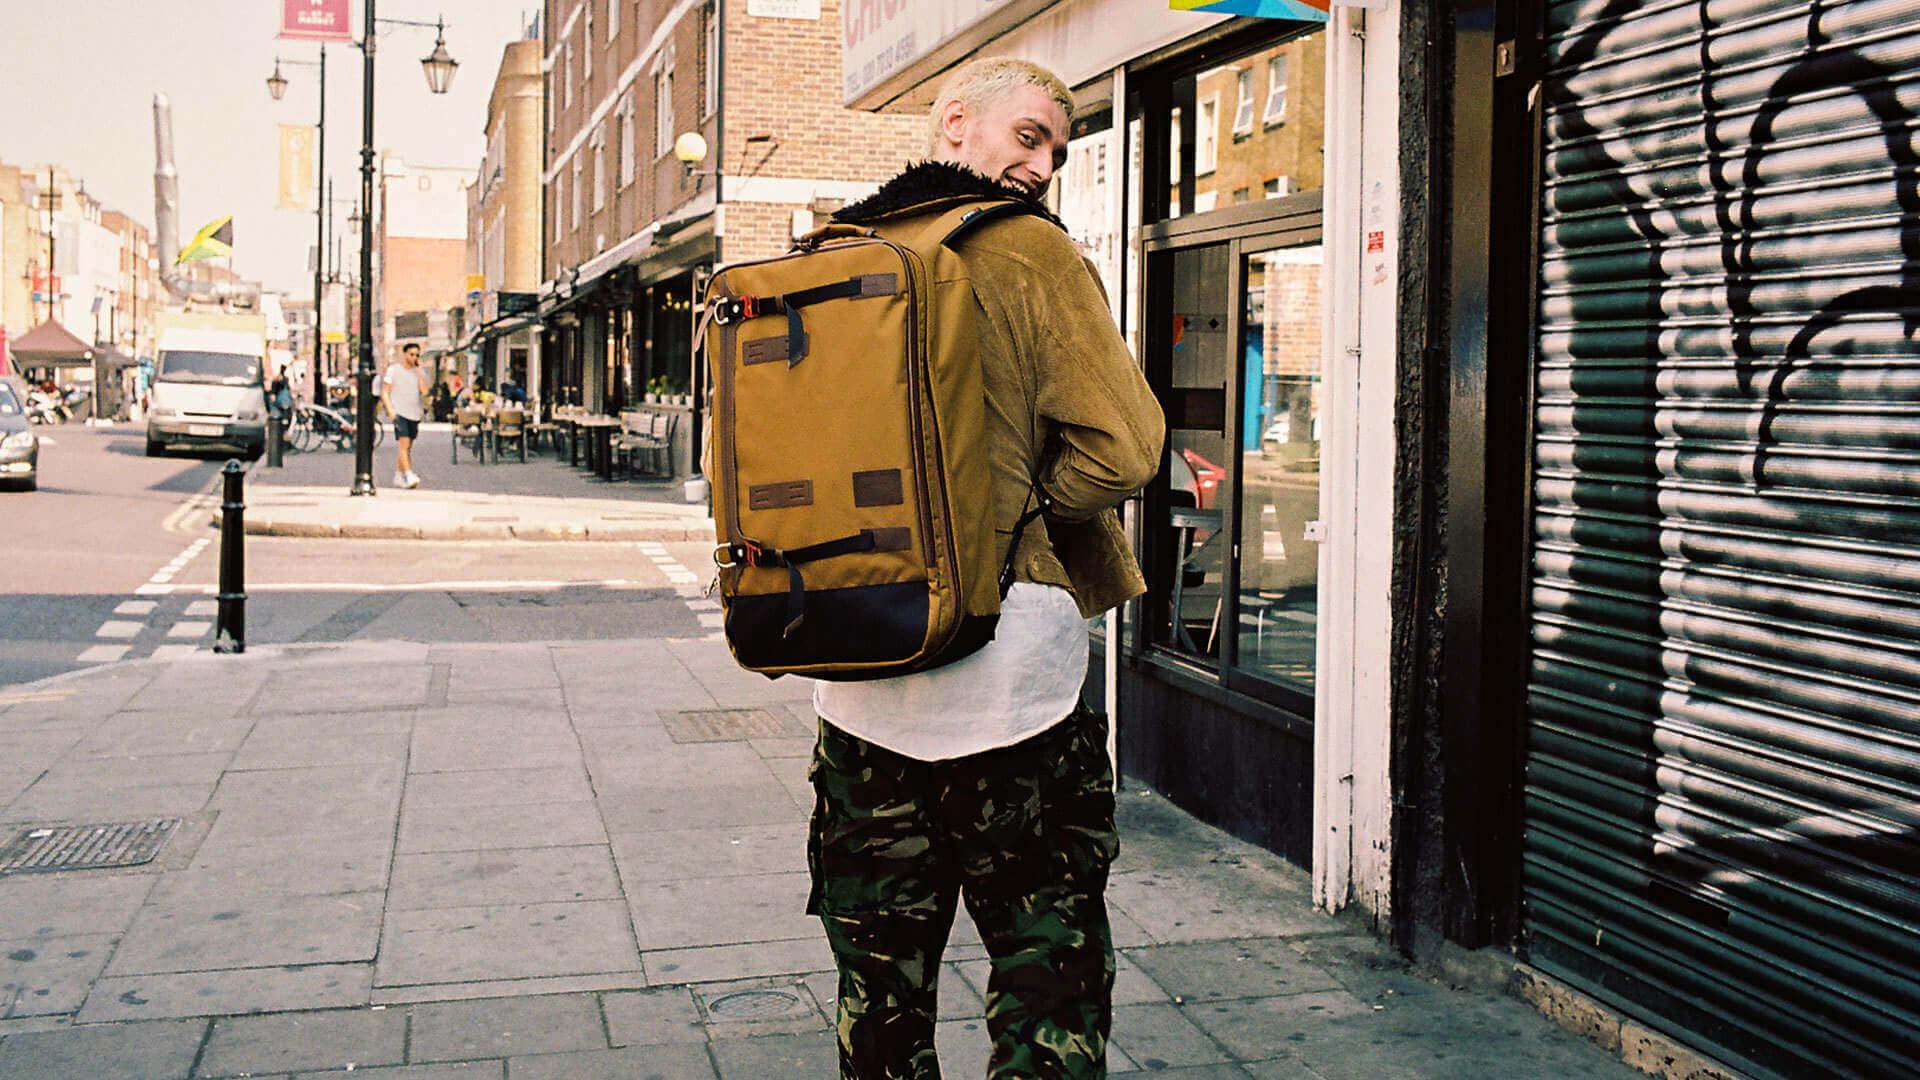 【未経験歓迎】バッグブランド|マスターピースの魅力を伝える営業メンバーを募集のカバー写真